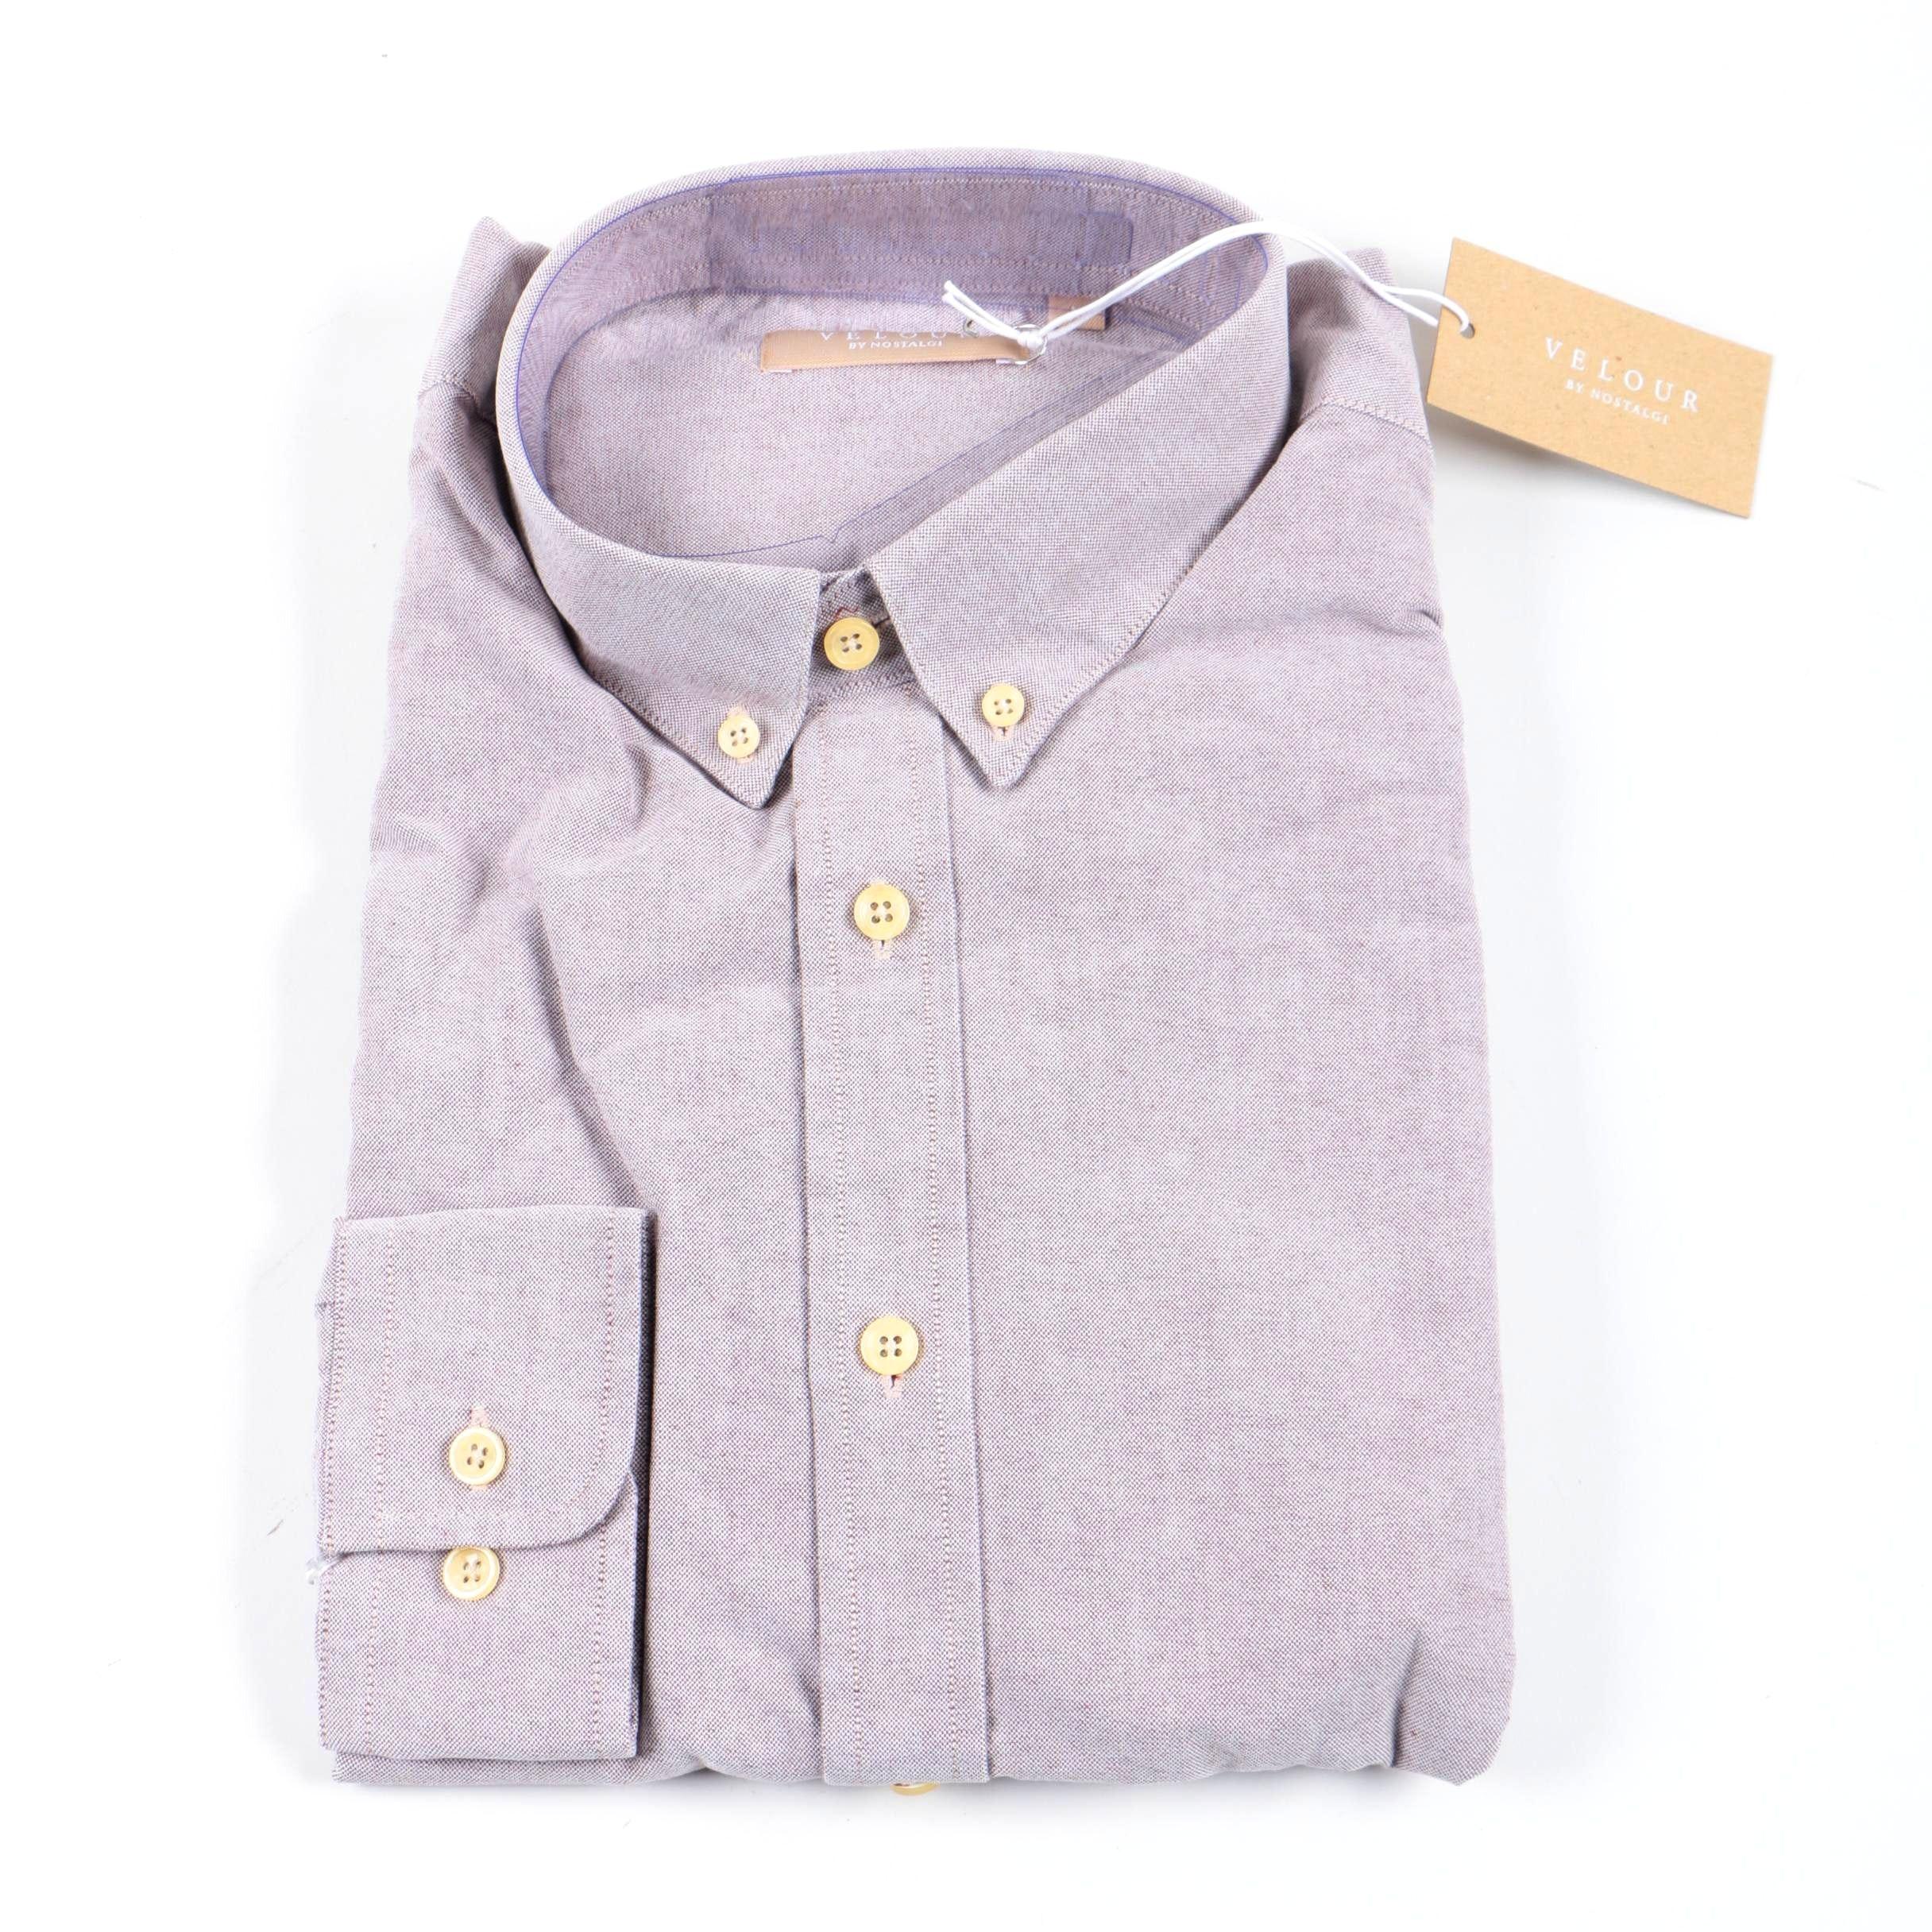 Velour by Nostalgi Button Down Shirt